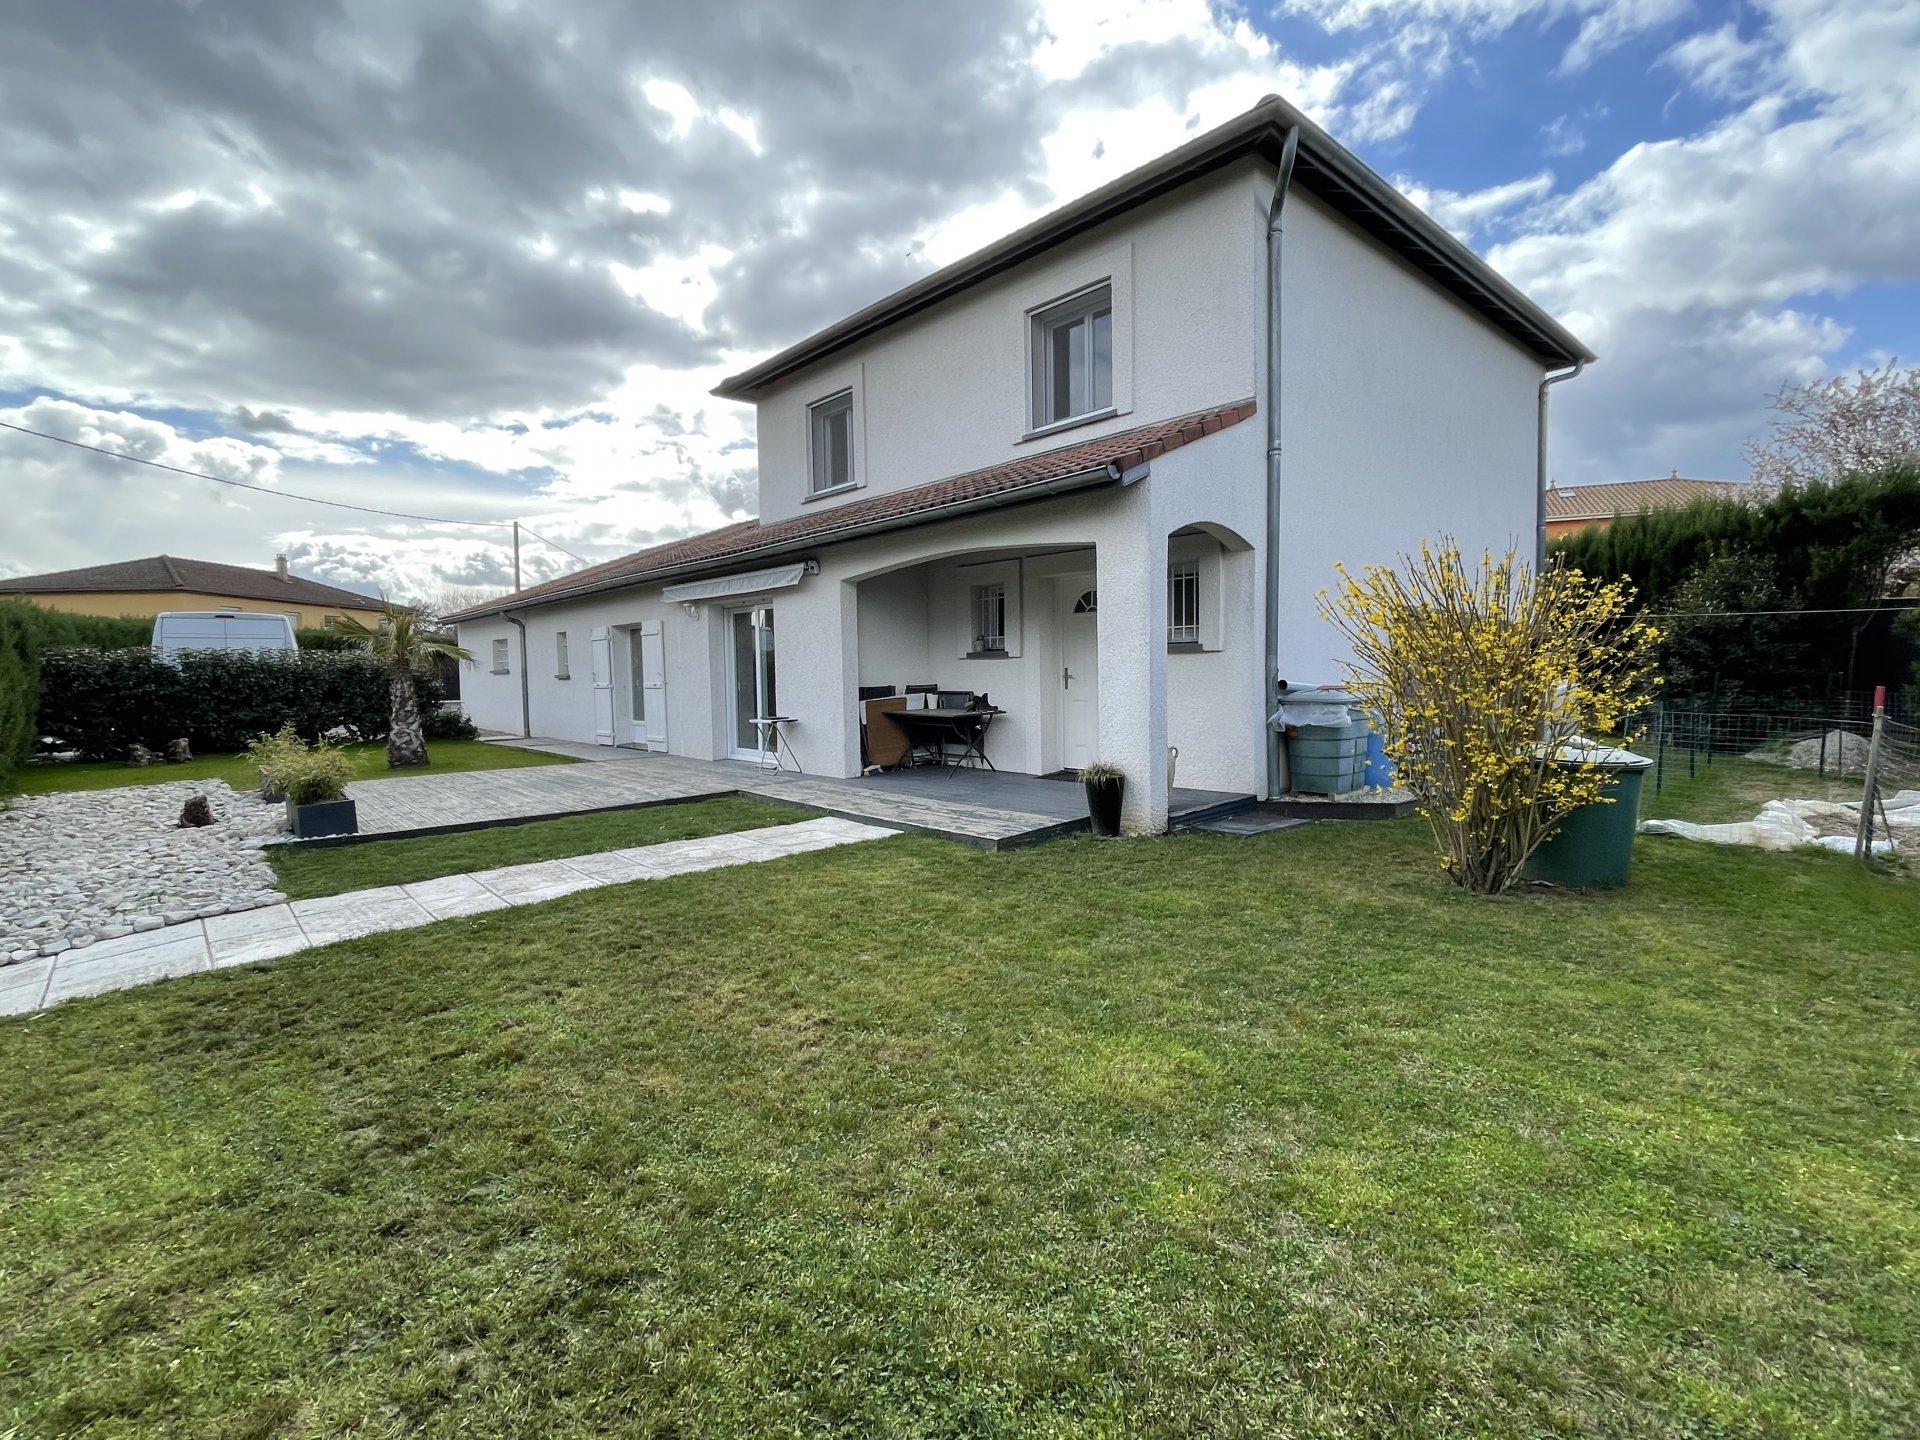 Vente Villa - Auberives-sur-Varèze